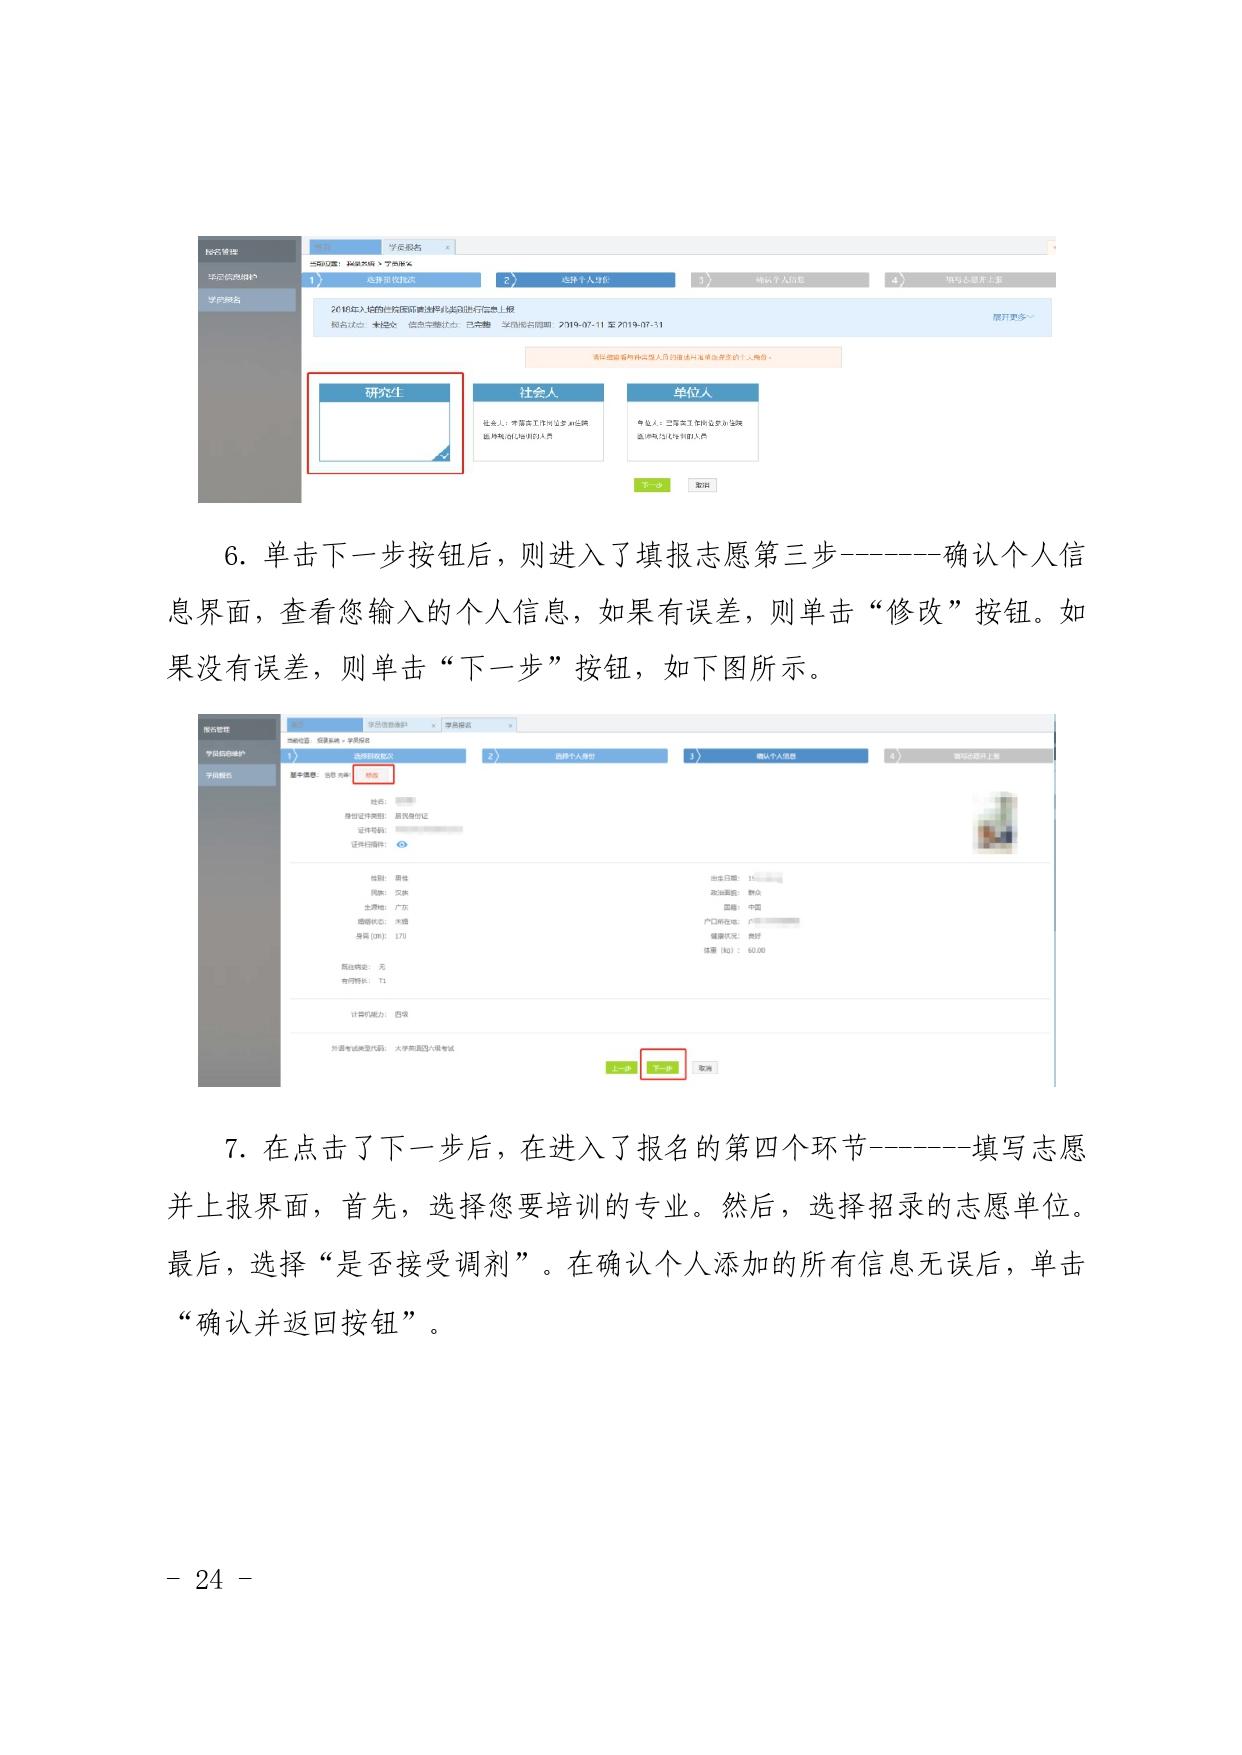 BYYXJY_254_1_page-0024